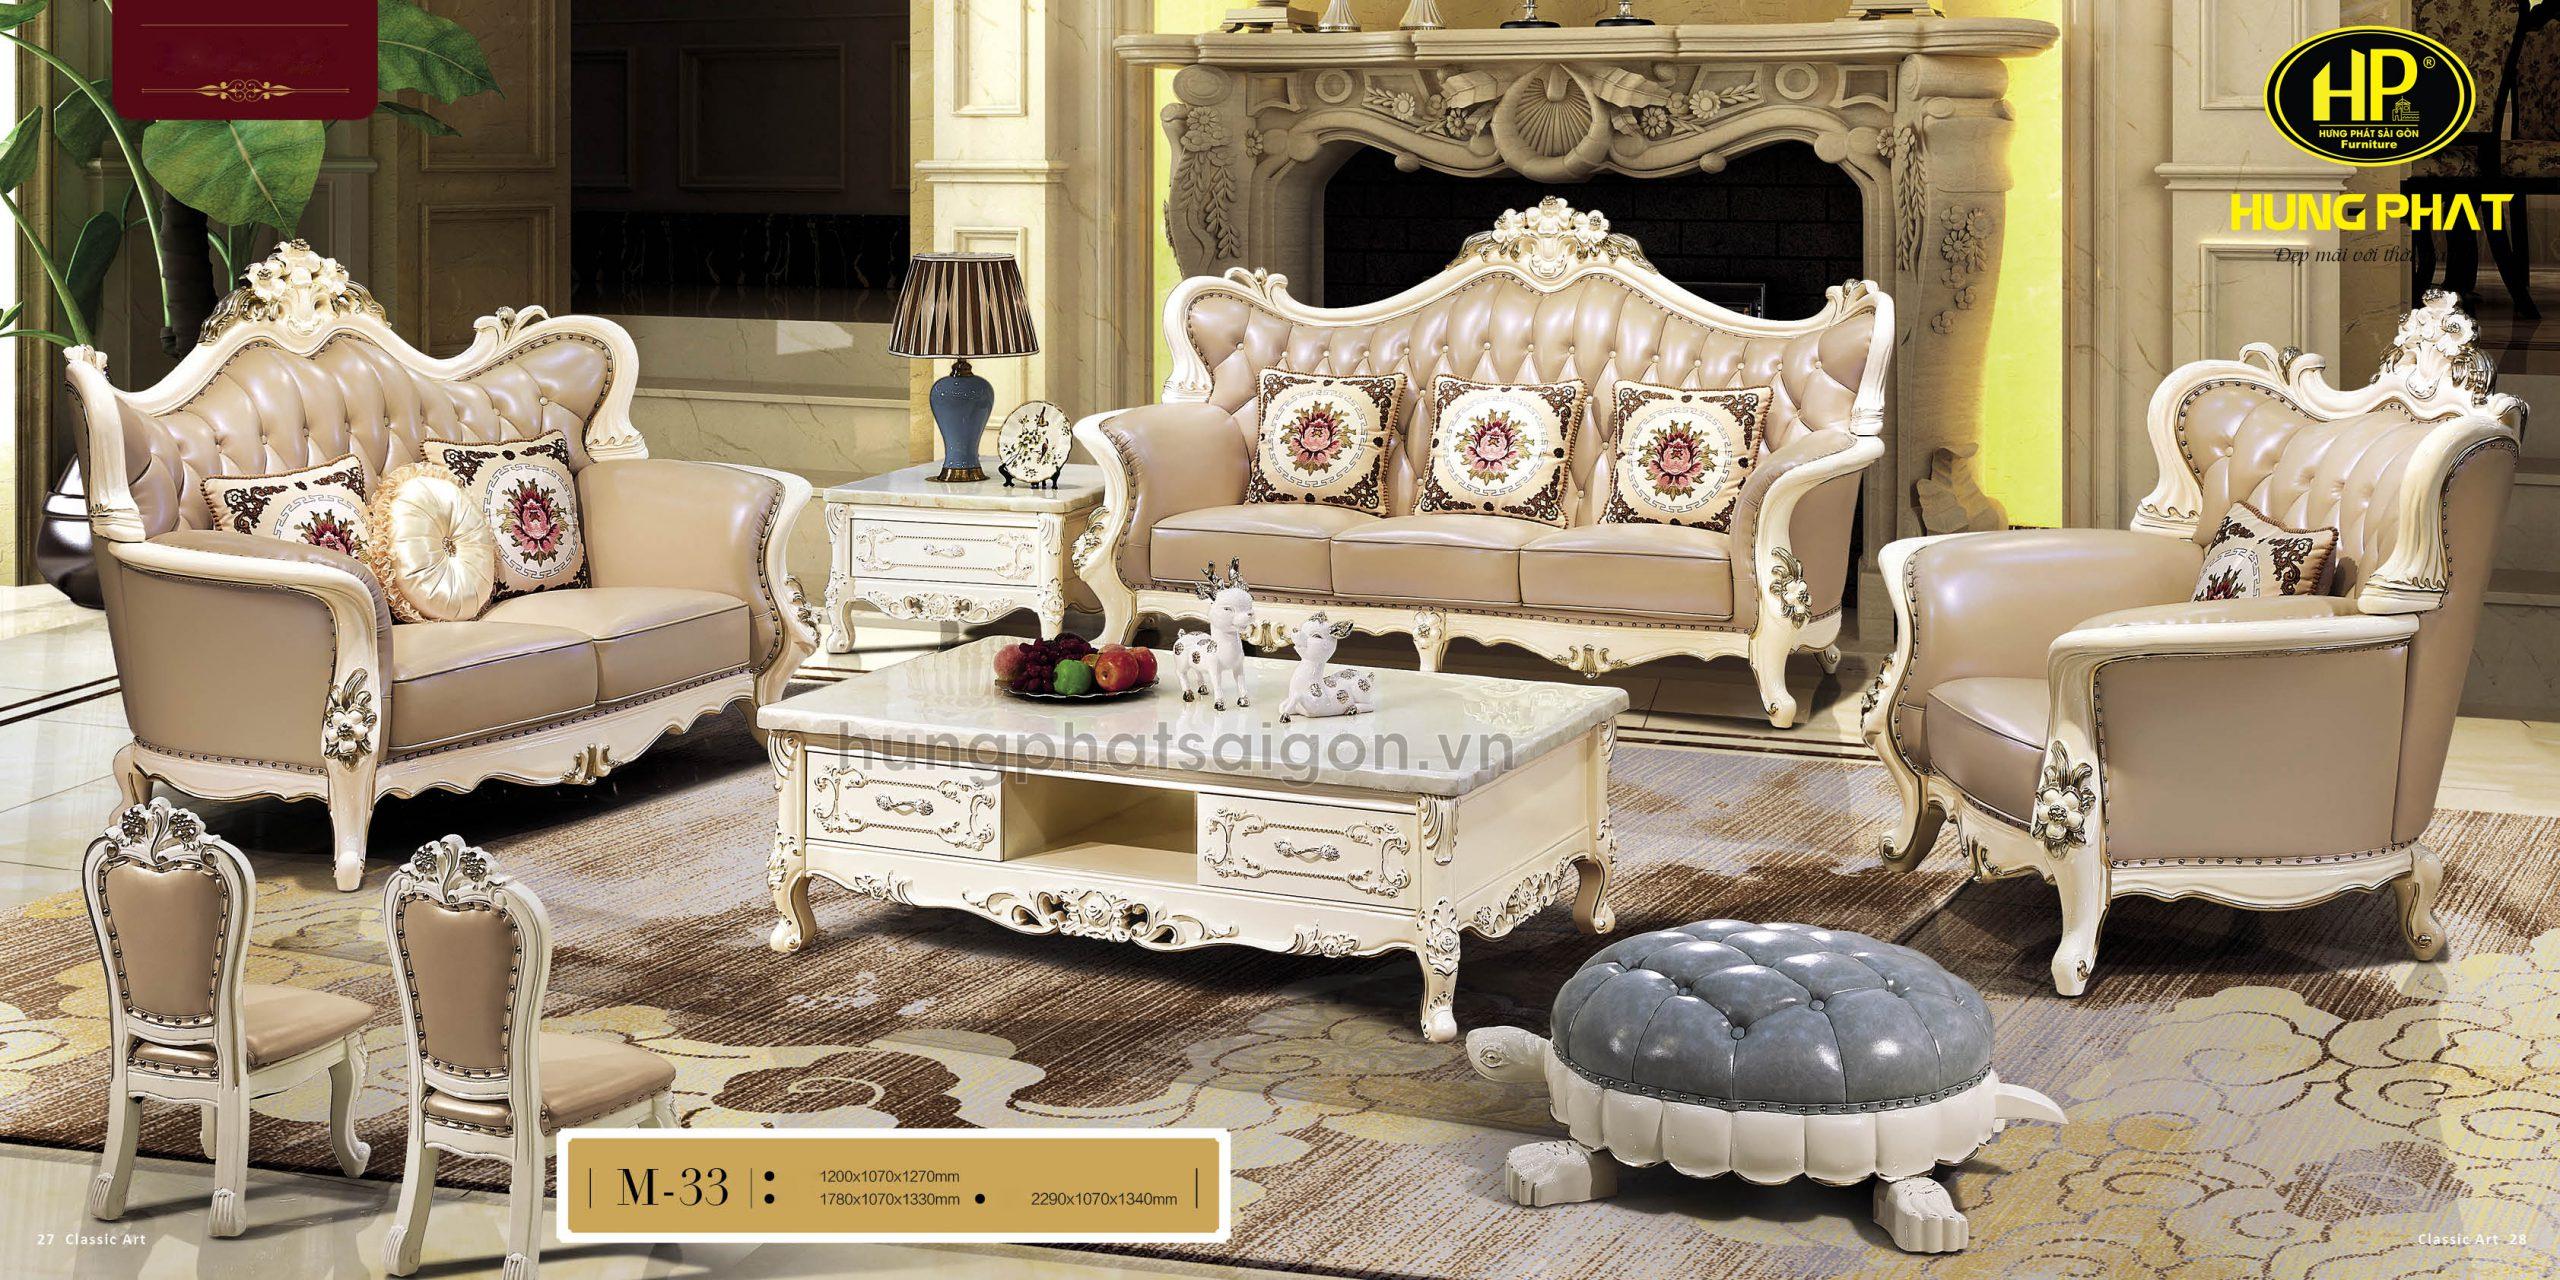 Ghế sofa cao cấp Italia mang đến nhiều ưu điểm, tạo điểm nhấn cho không gian sống của gia đình bạn